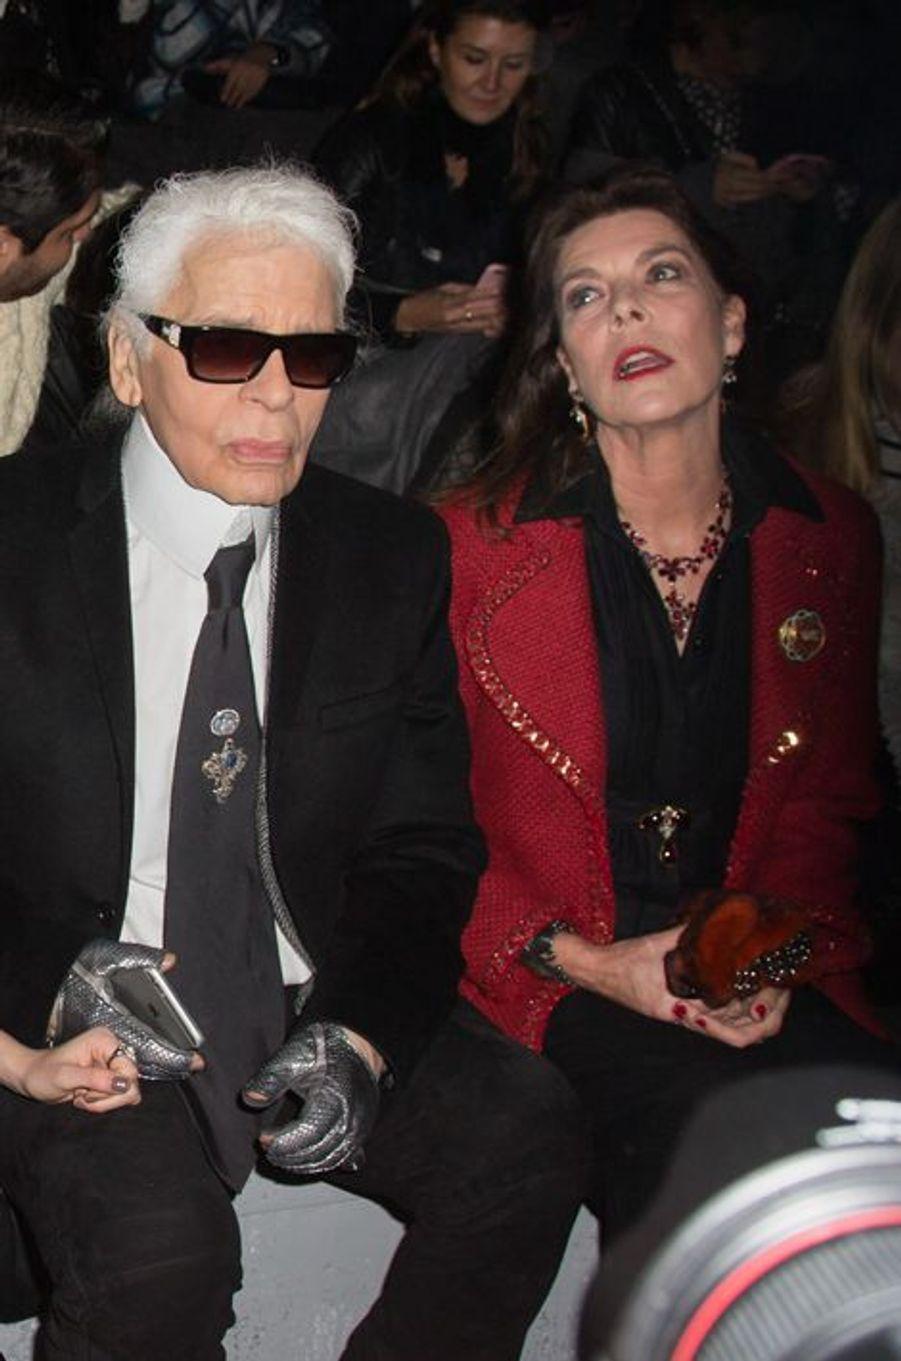 La princesse Caroline de Hanovre avec Karl Lagerfeld au défilé Chanel à Rome, le 1er décembre 2015